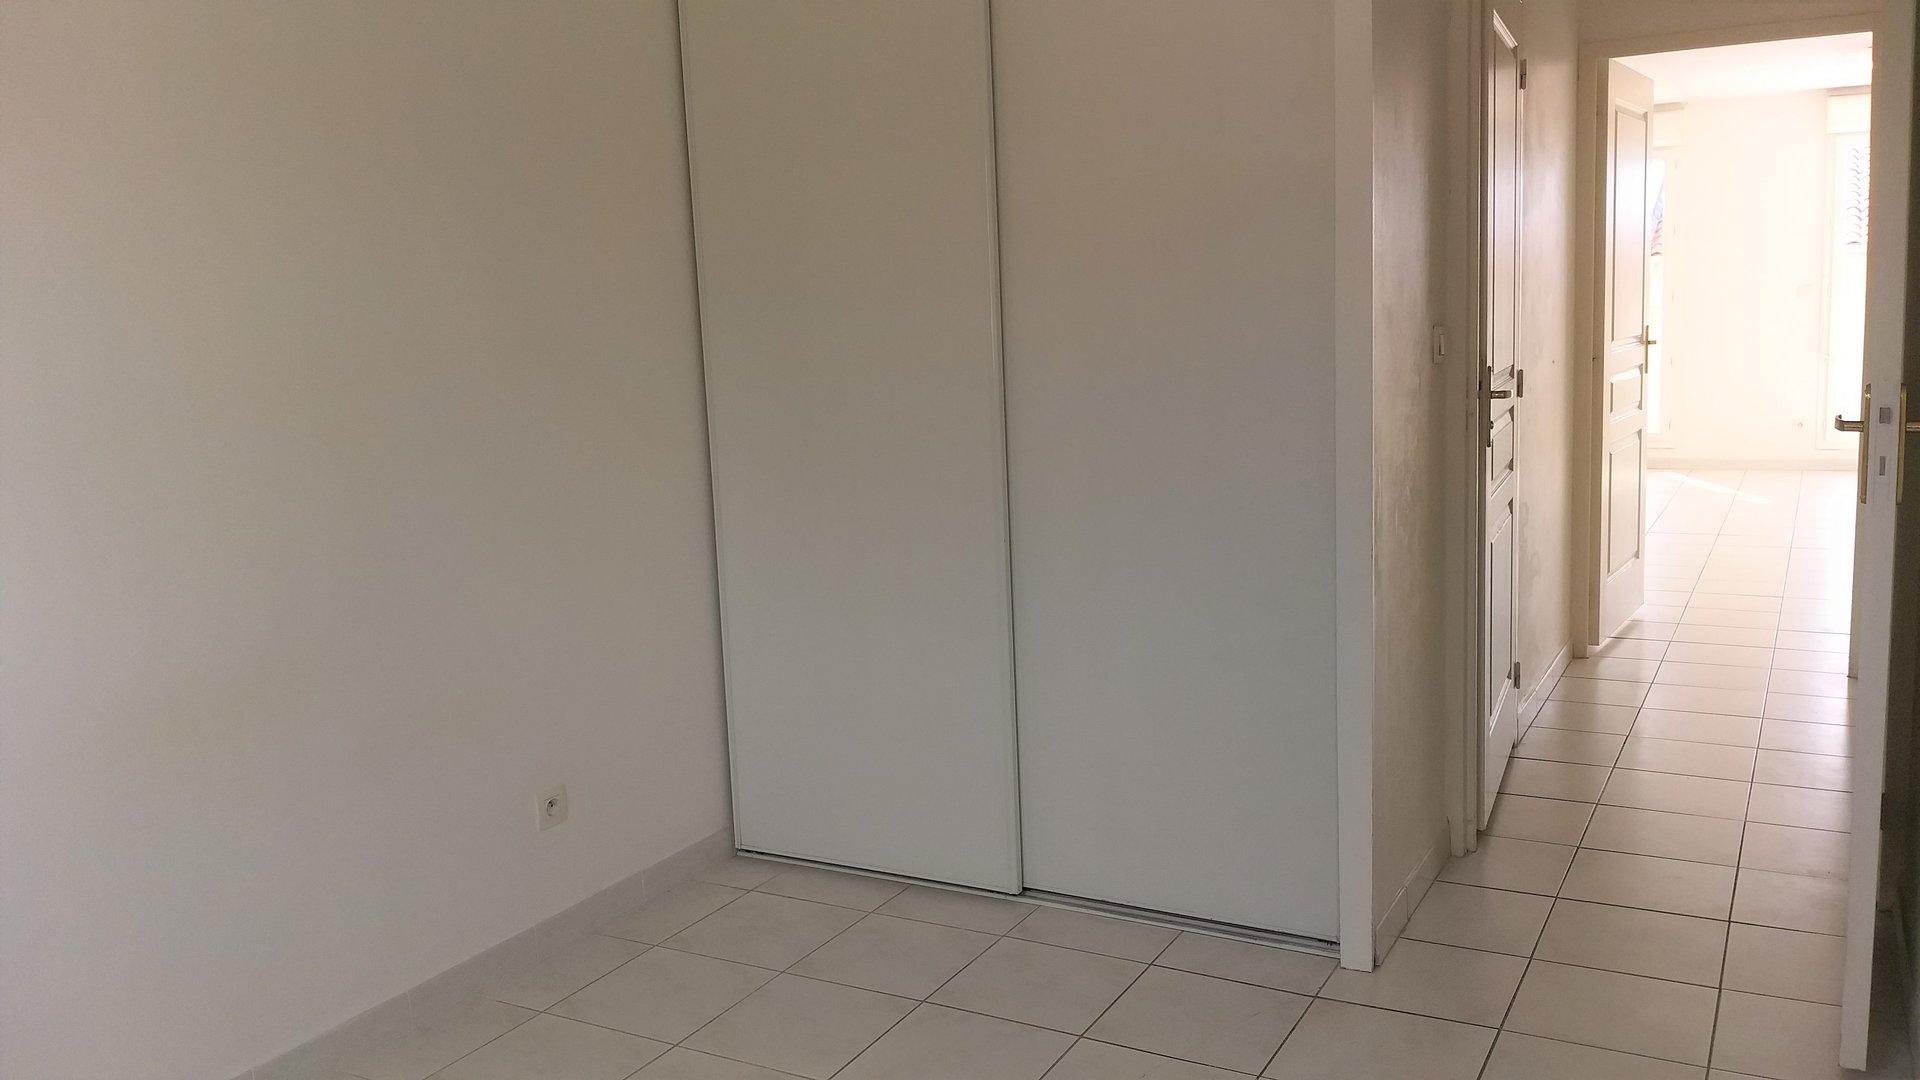 EXCLUSIF VENTE APPARTEMENT 3 PIECES  TERRASSE GARAGE FERRIERE